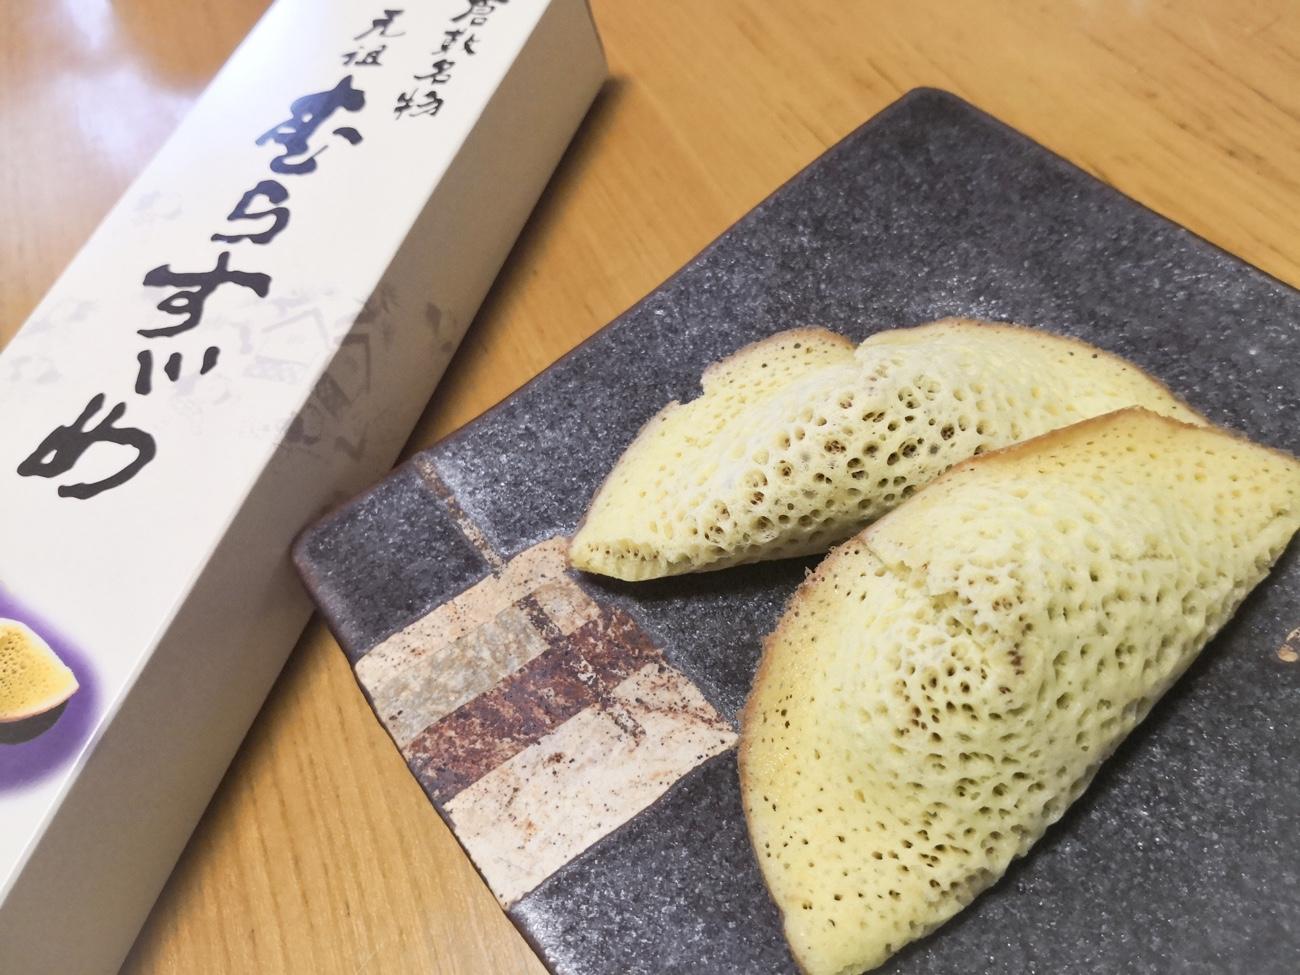 むらすずめの由来 橘香堂 倉敷土産おすすめ